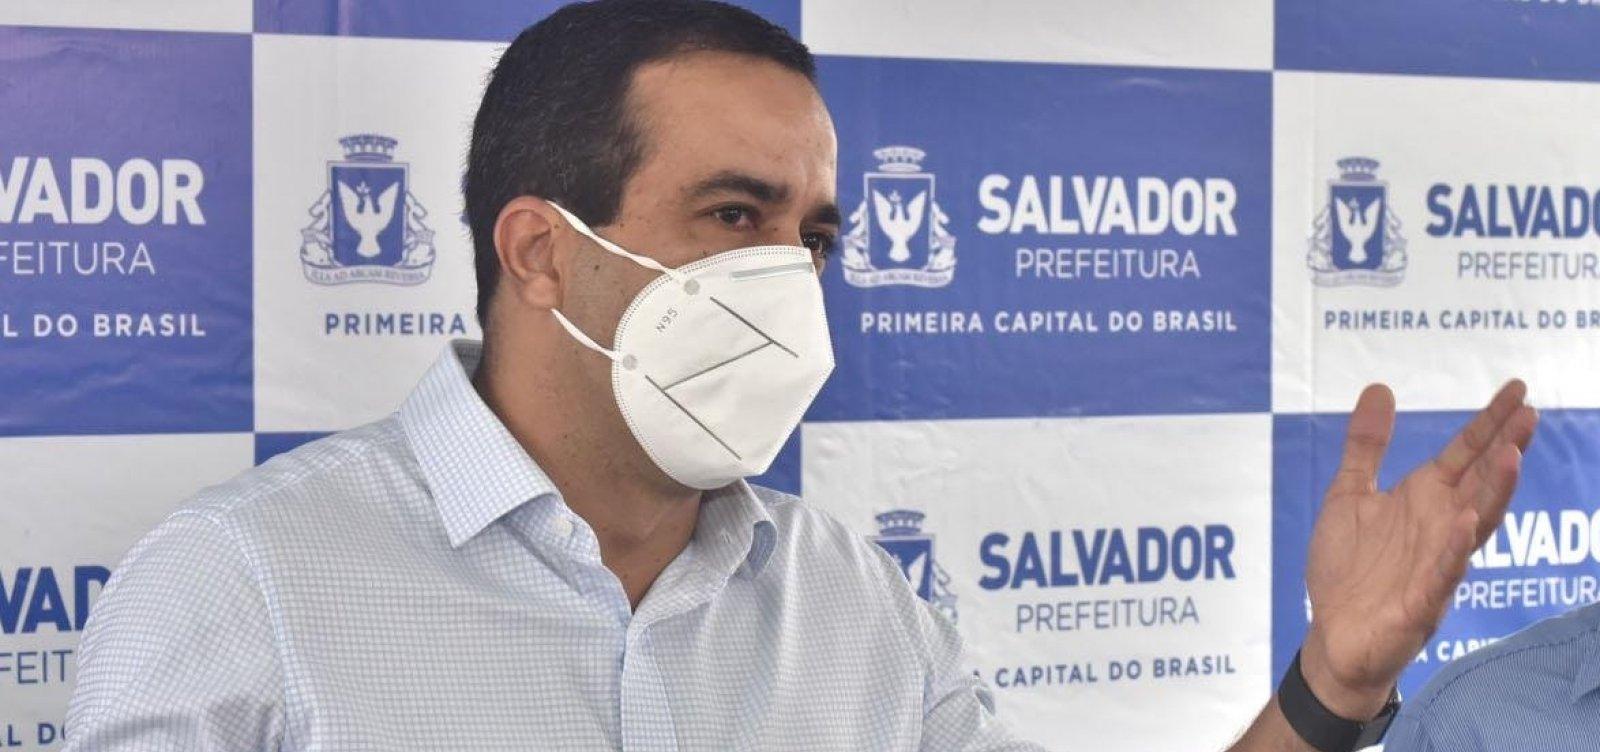 [Pesquisa aponta Bruno Reis com 52,1% das intenções de voto em Salvador]